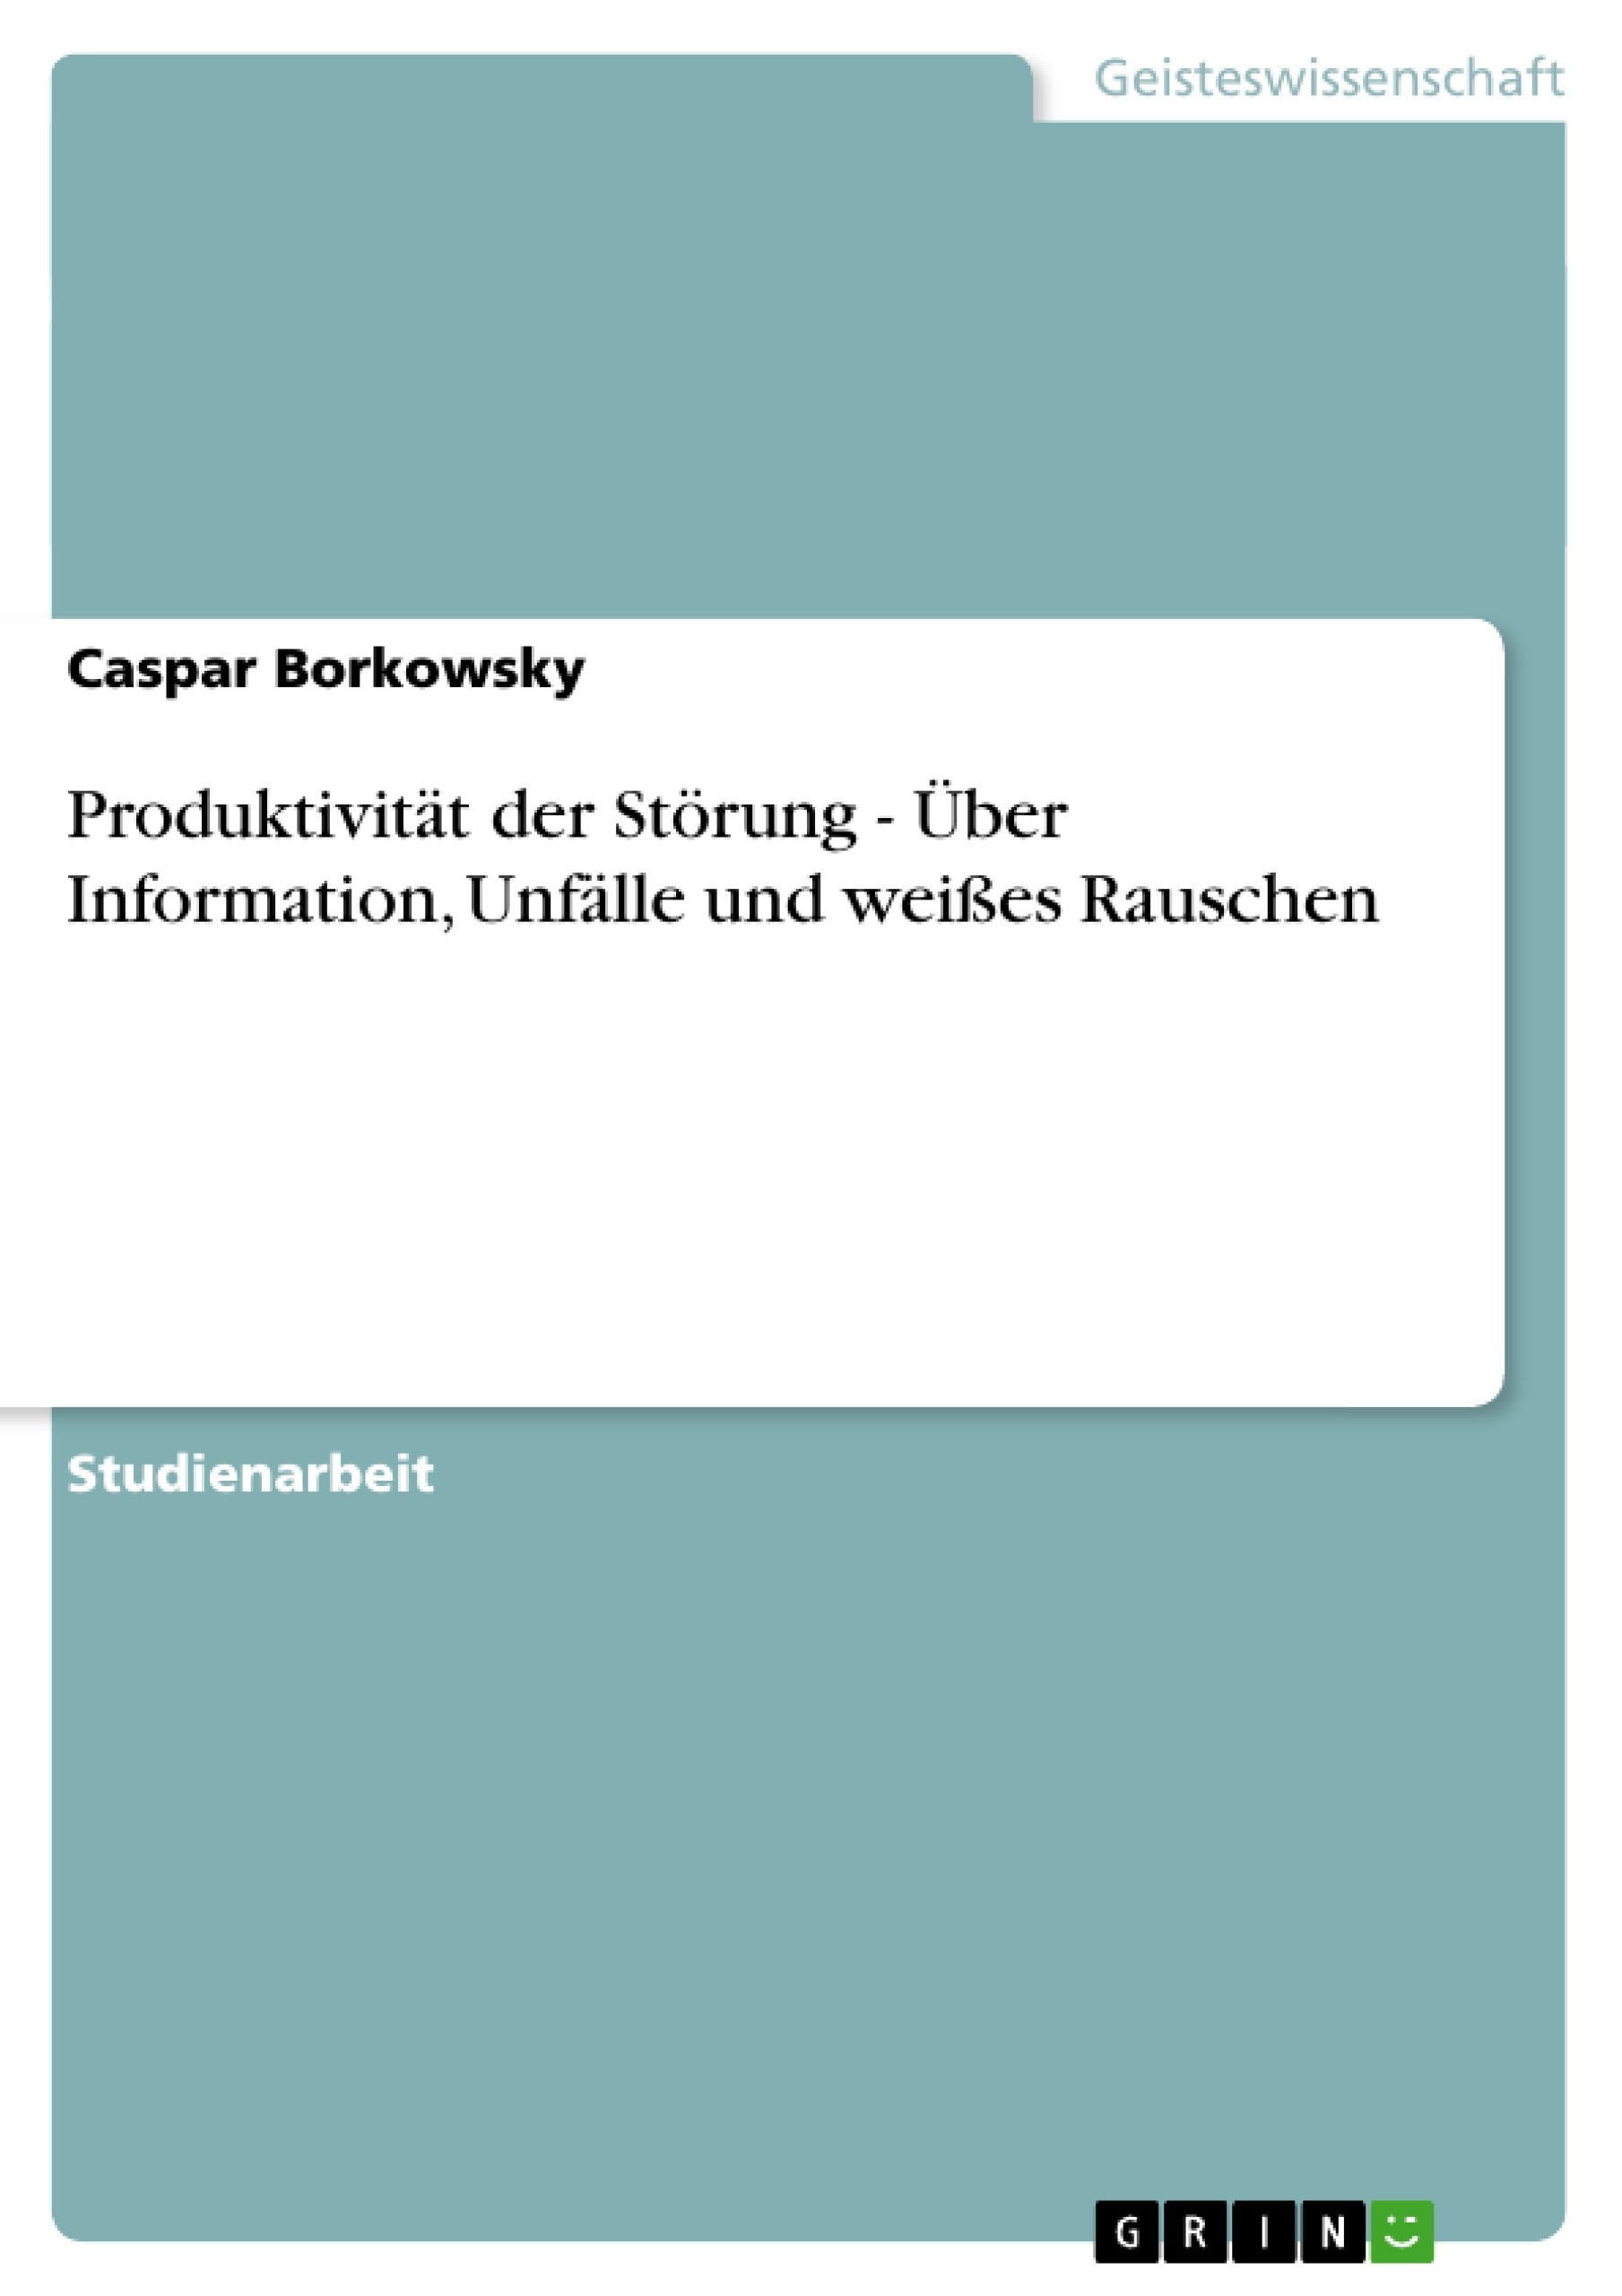 Titel: Produktivität der Störung - Über Information, Unfälle und weißes Rauschen